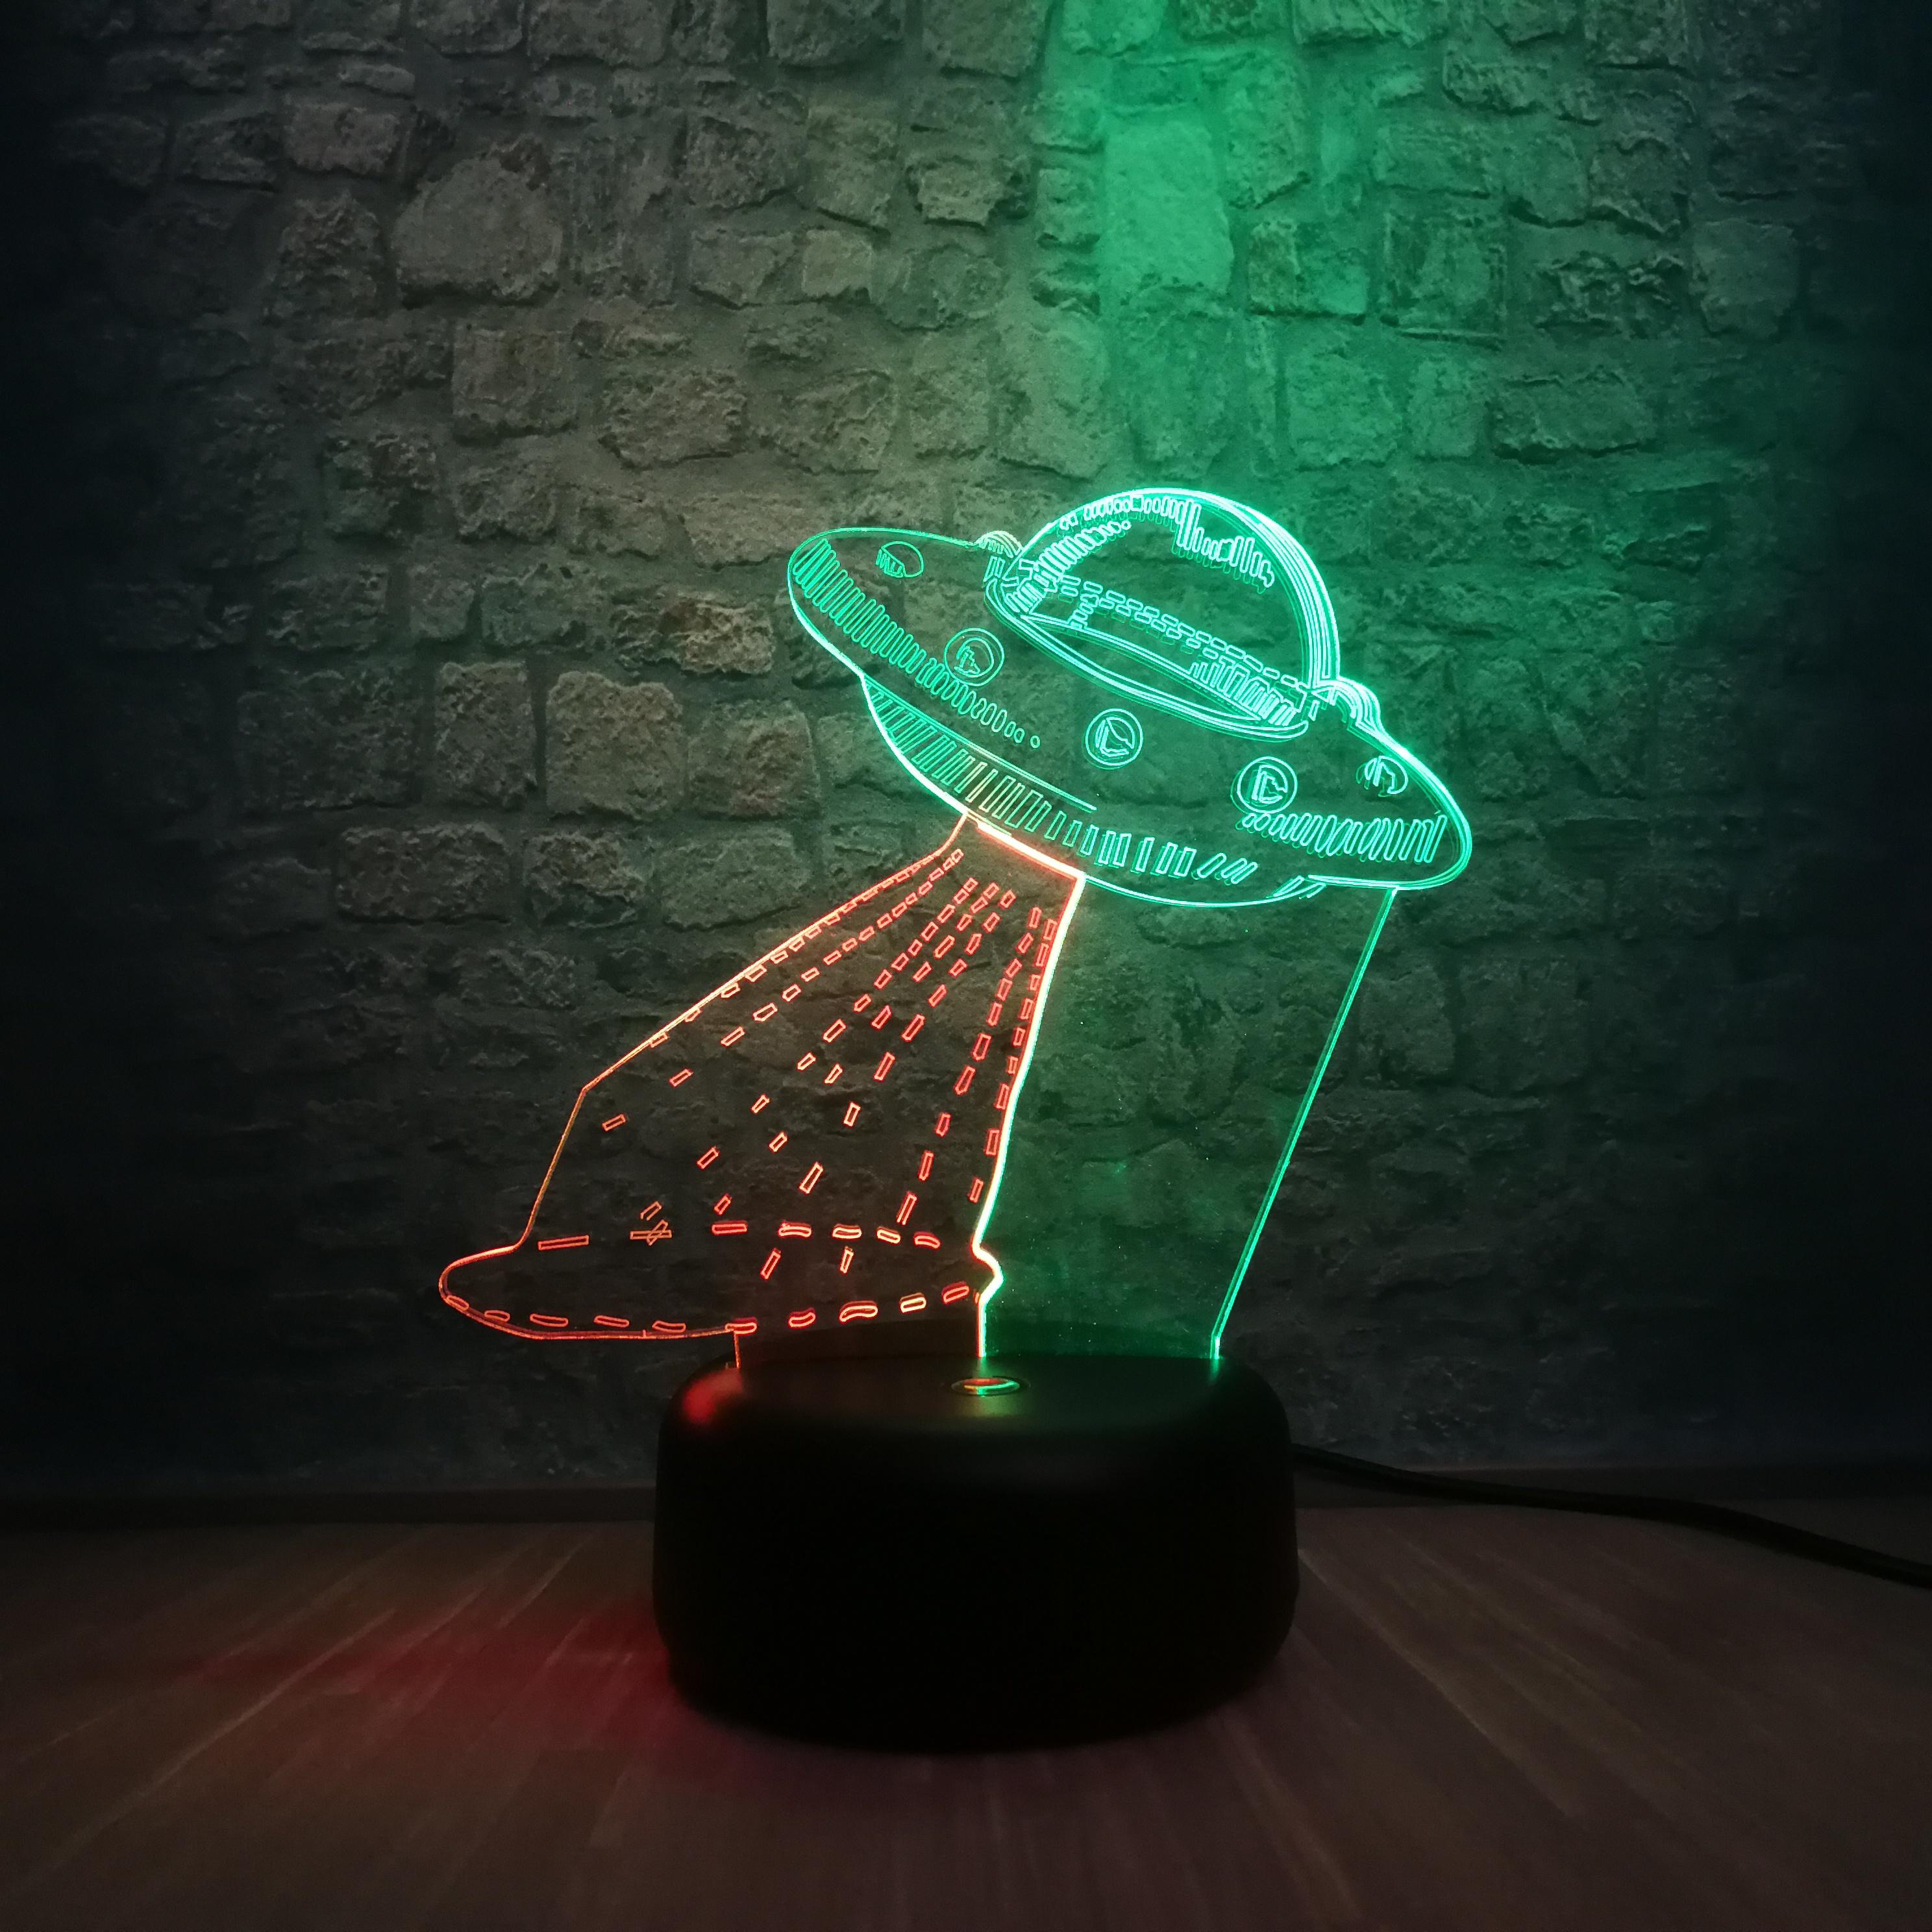 кто-нибудь ответит фото отражение настольной лампы нло три